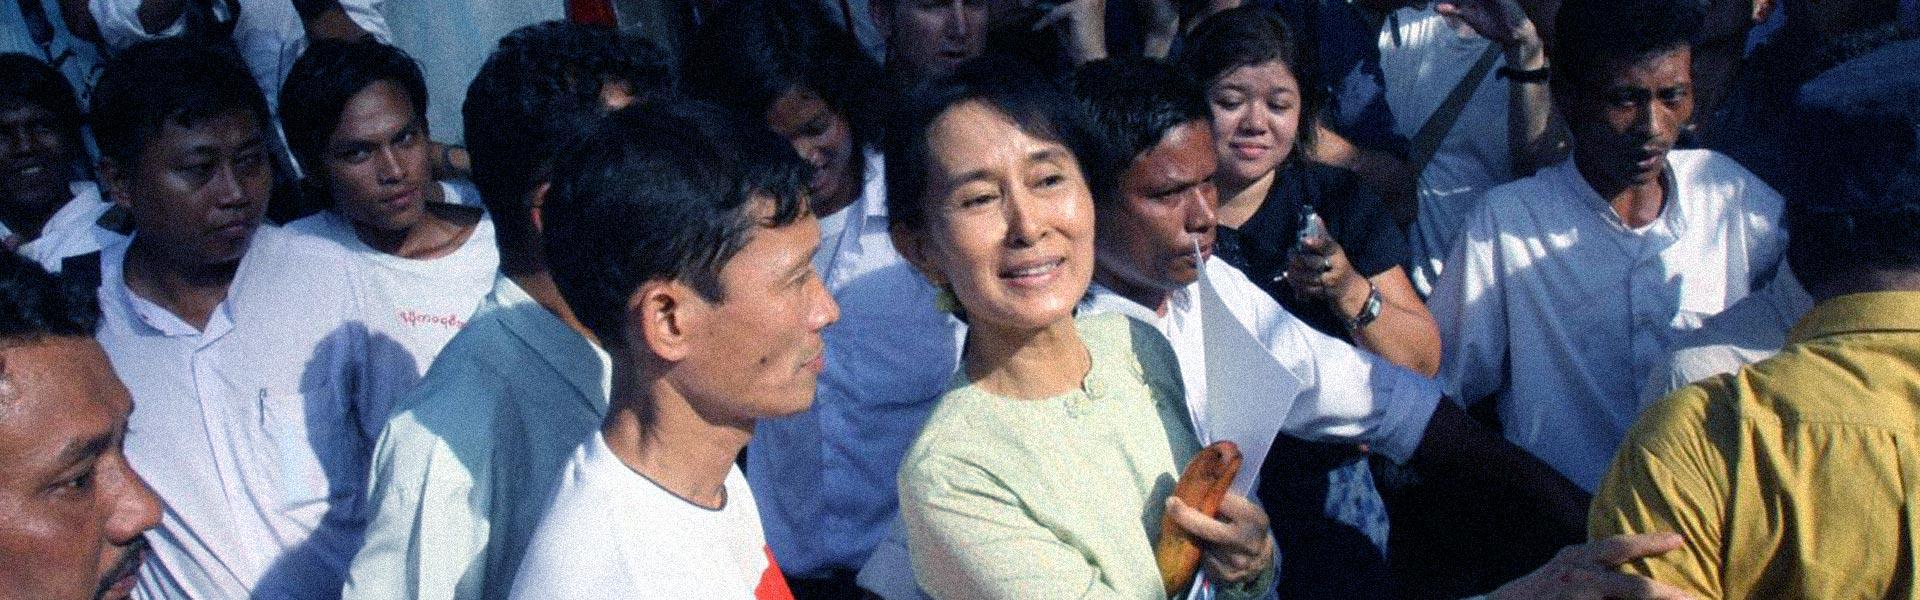 Бирма. Уроки борьбы